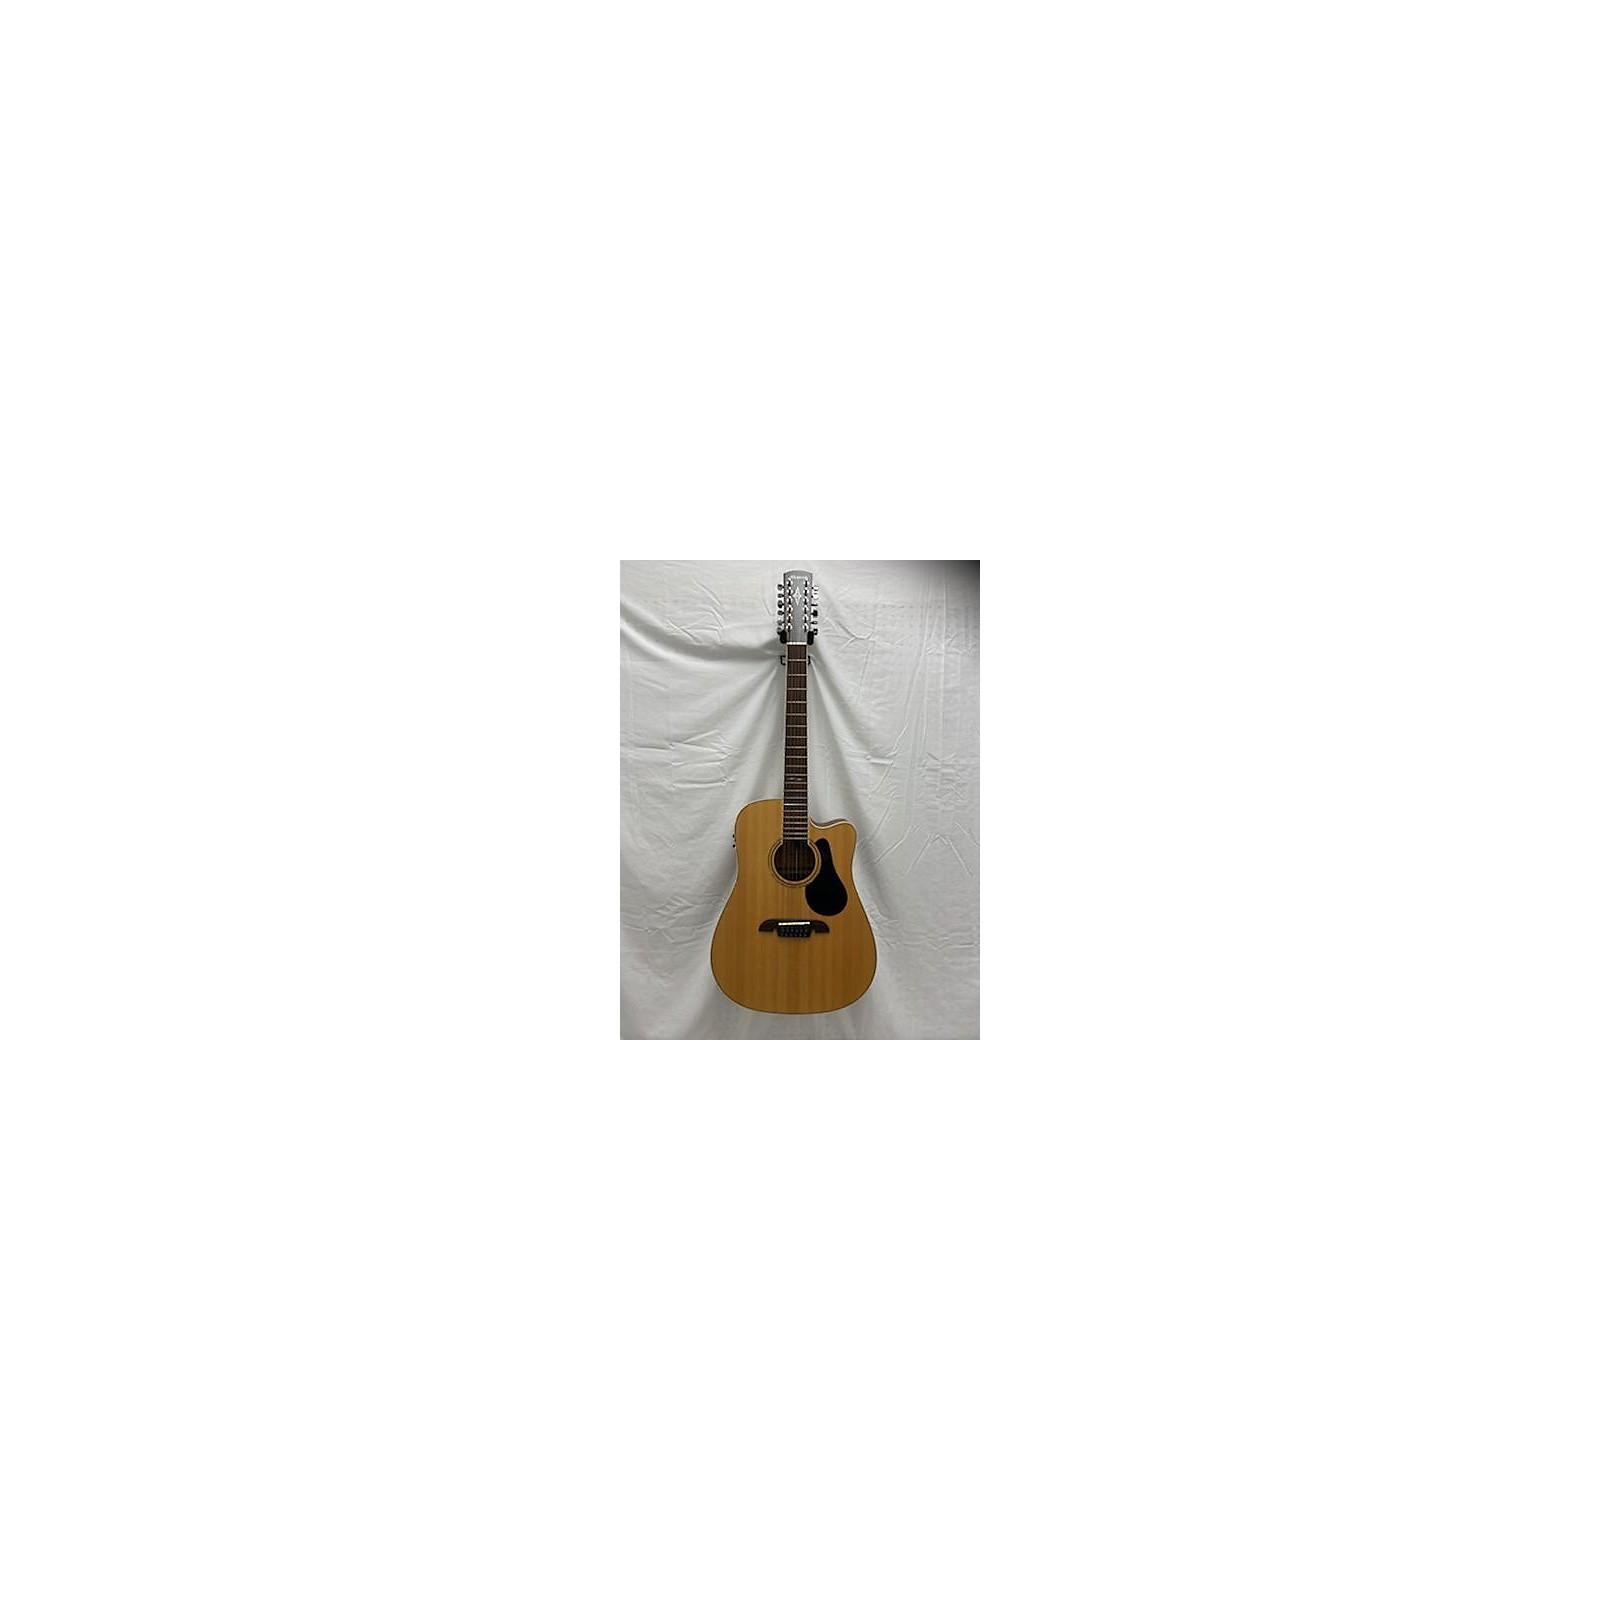 Alvarez AD6012CE 12 String Acoustic Electric Guitar